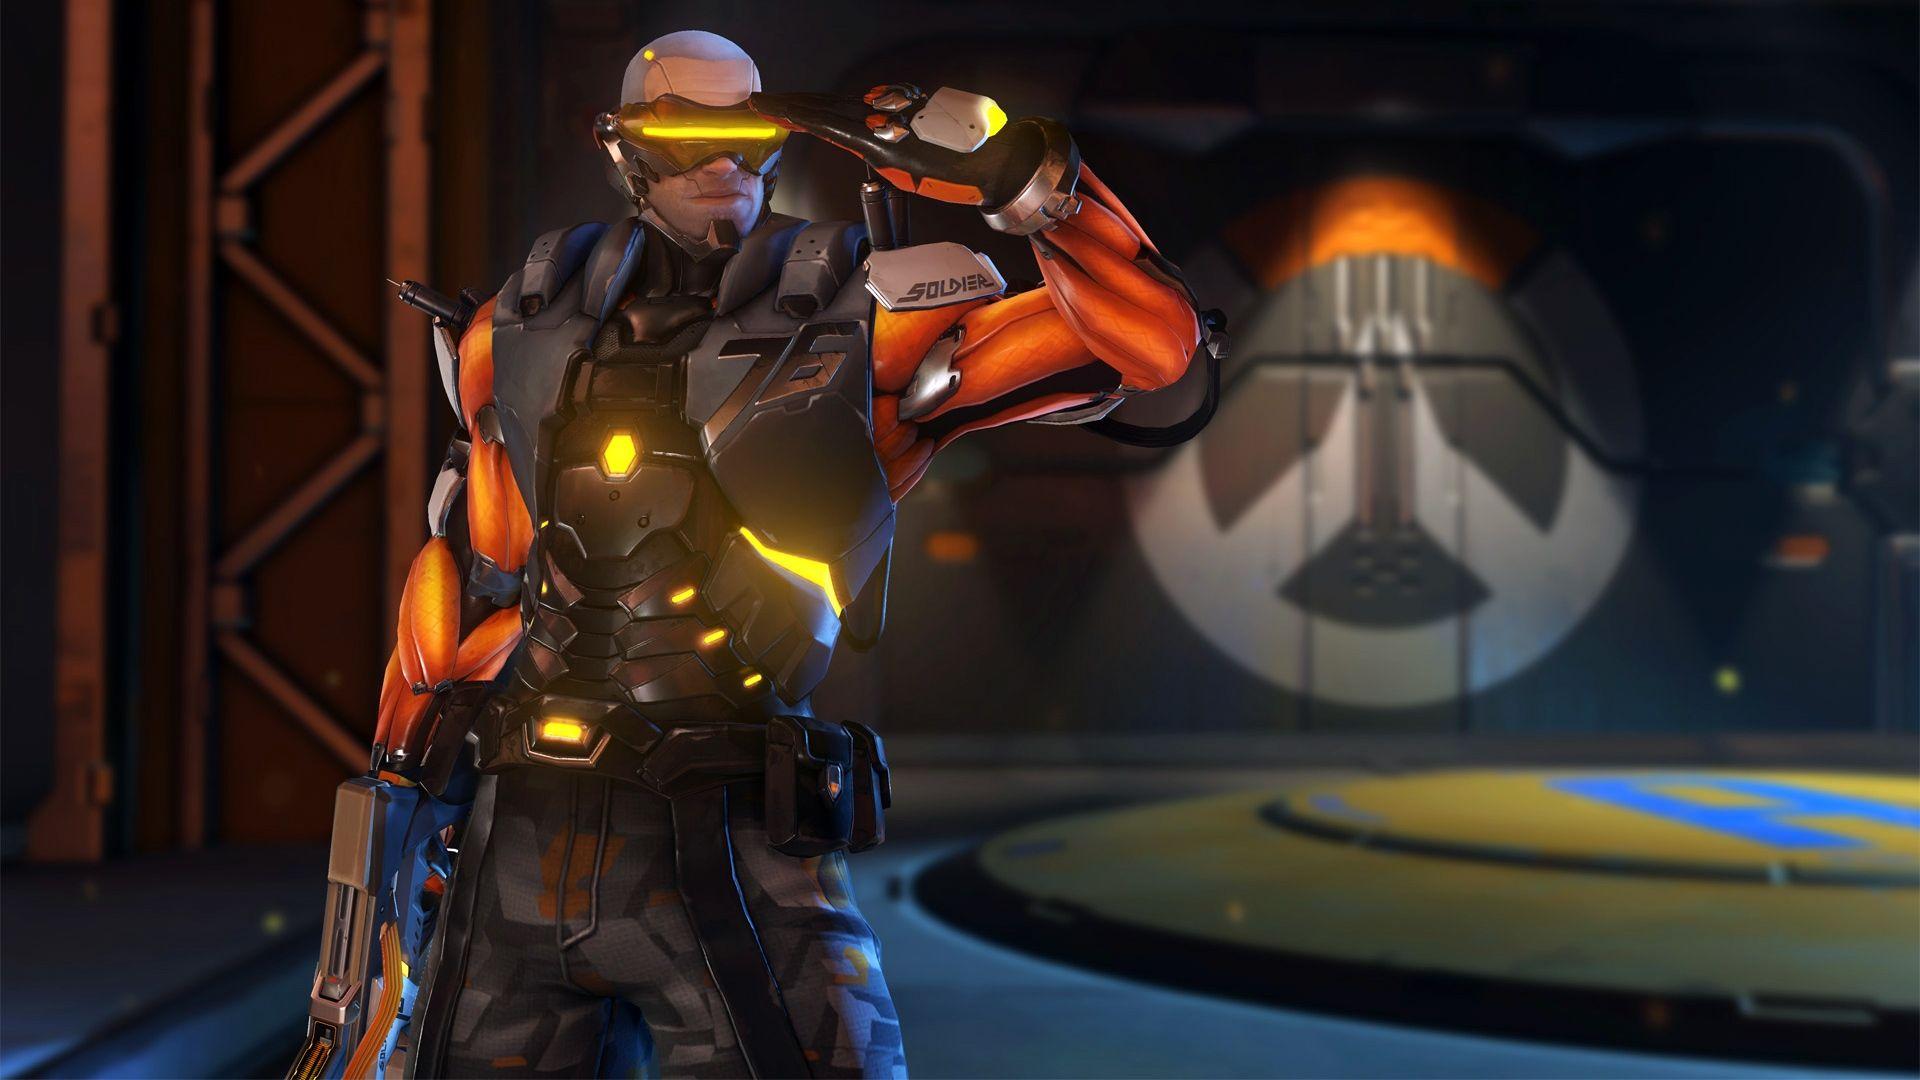 Cyborg 76 Soldier 76 Overwatch Anniversary Skin 1920x1080 Wallpaper Overwatch Overwatch Video Game Overwatch Competitive